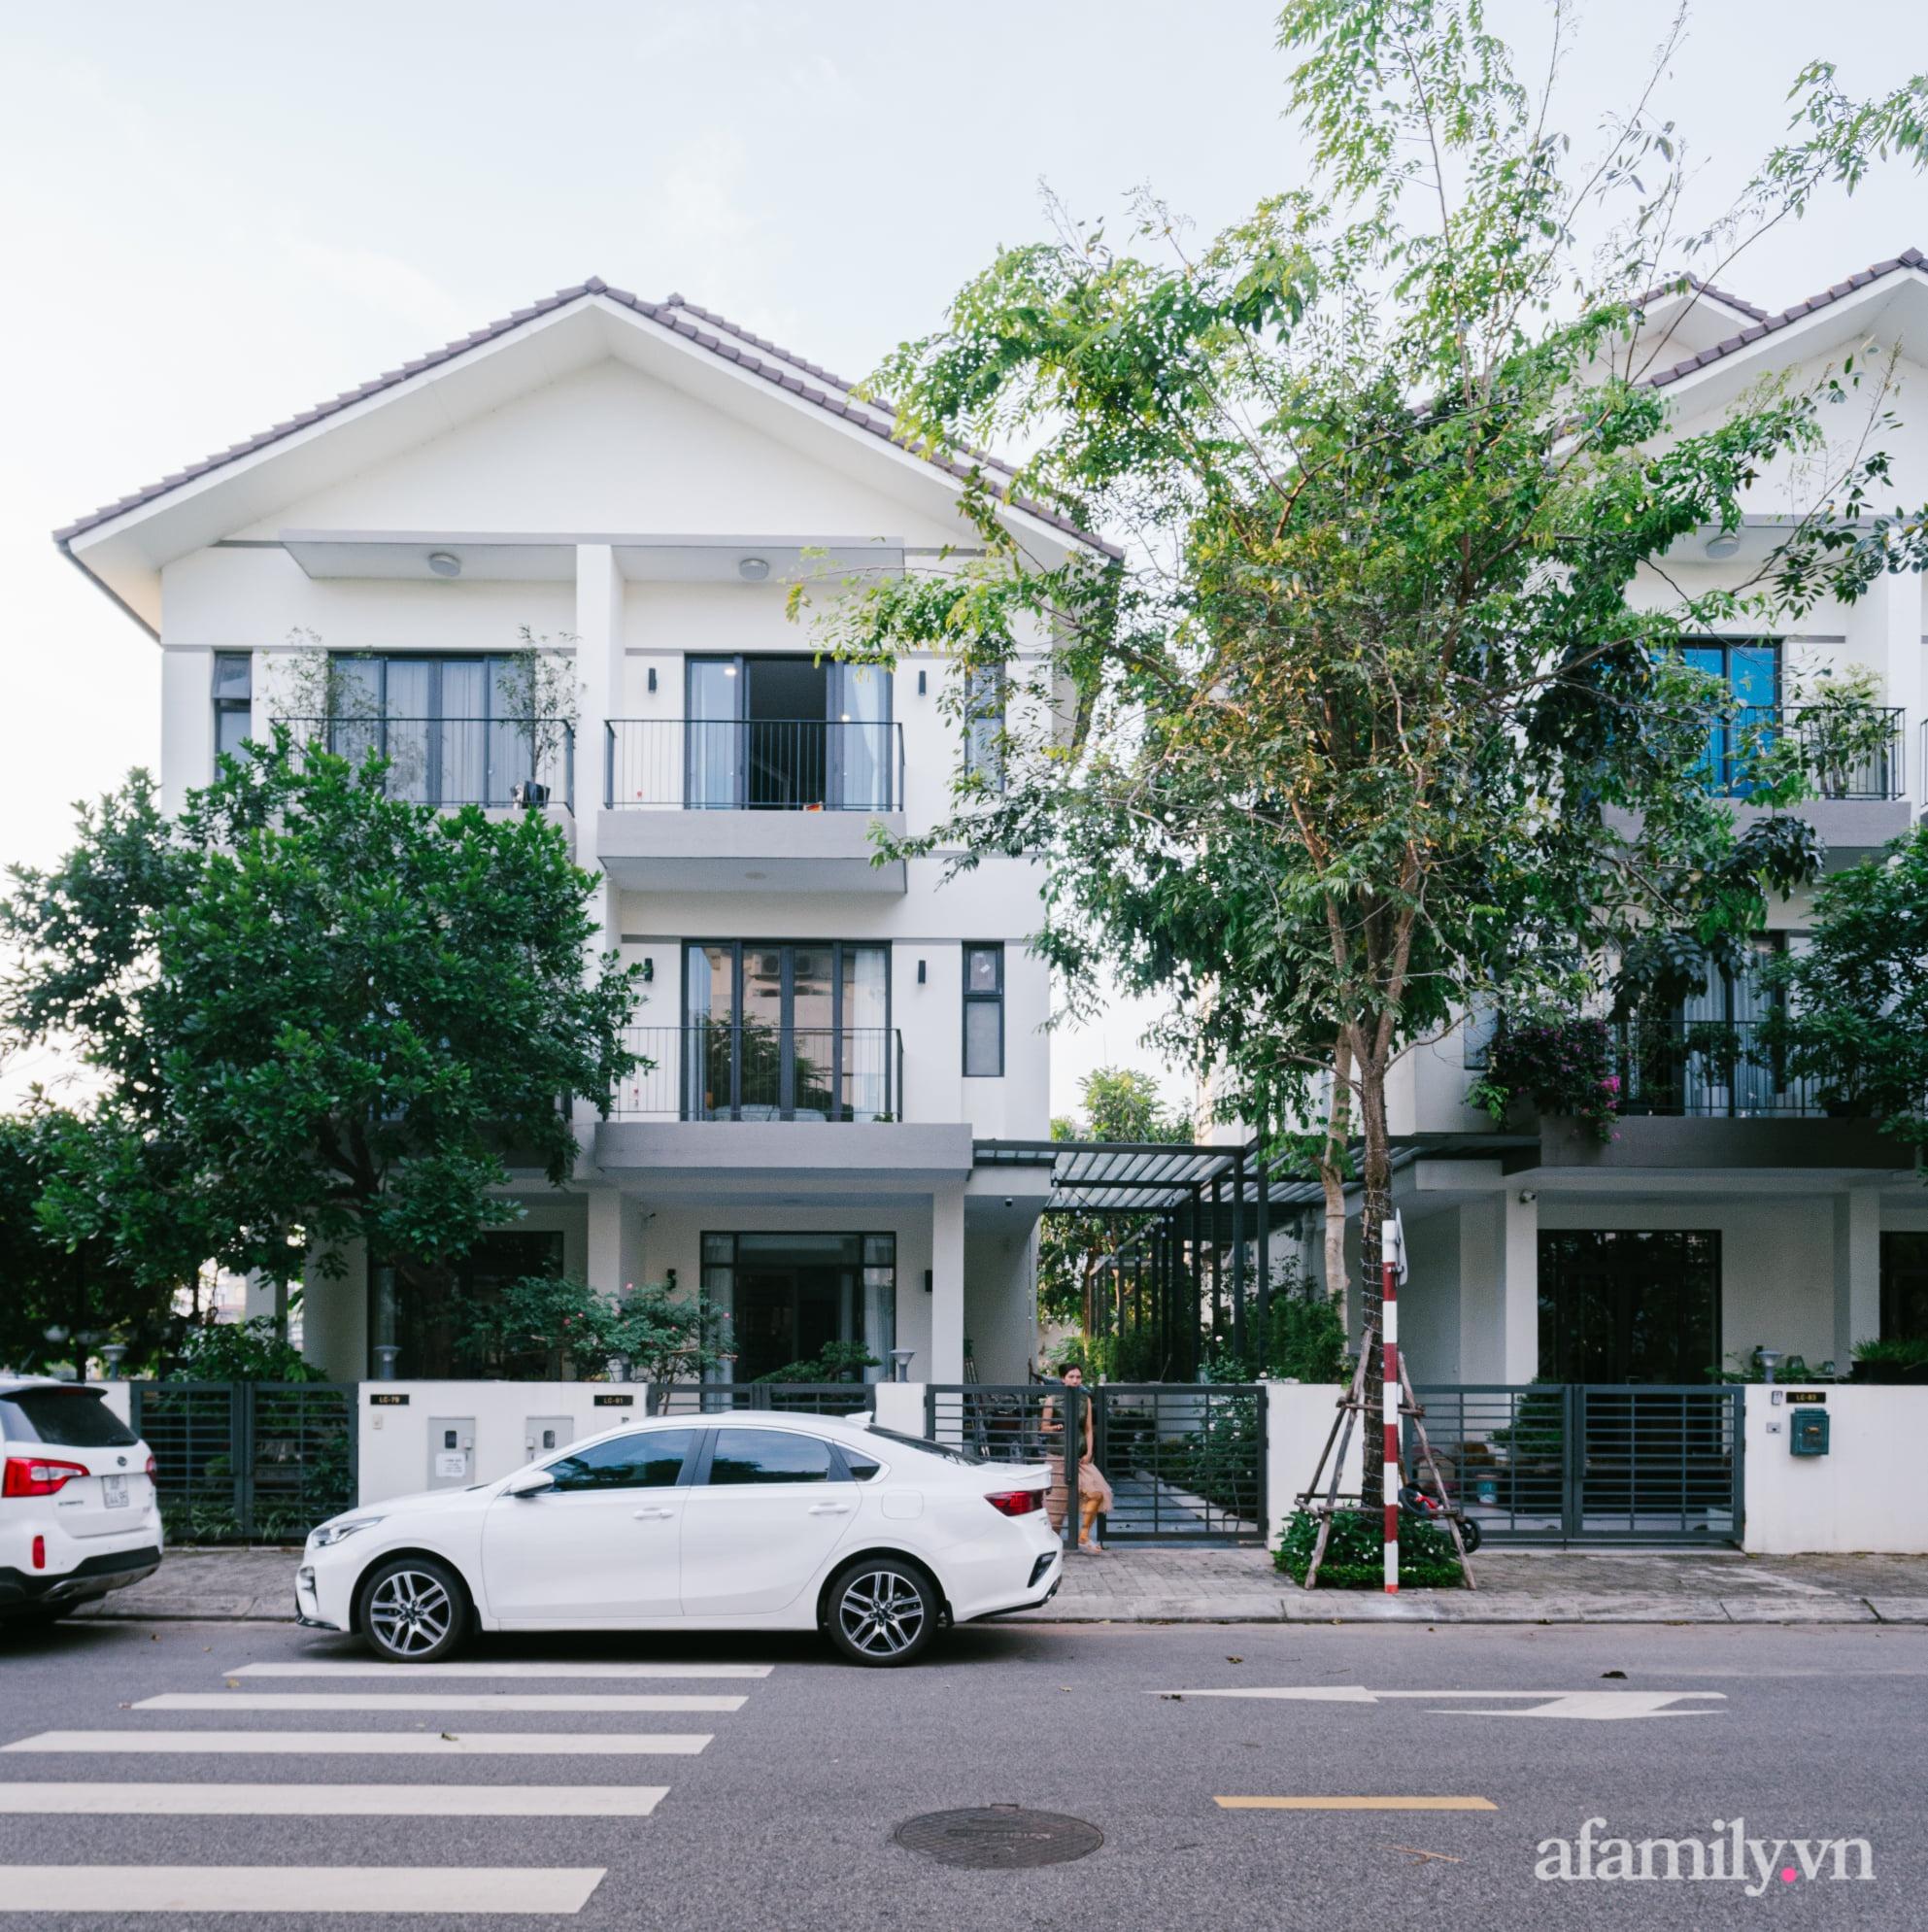 Nhà phố 3 tầng đẹp sang trọng với nội thất cực chất theo phong cách Traditional ở Hà Nội - Ảnh 1.